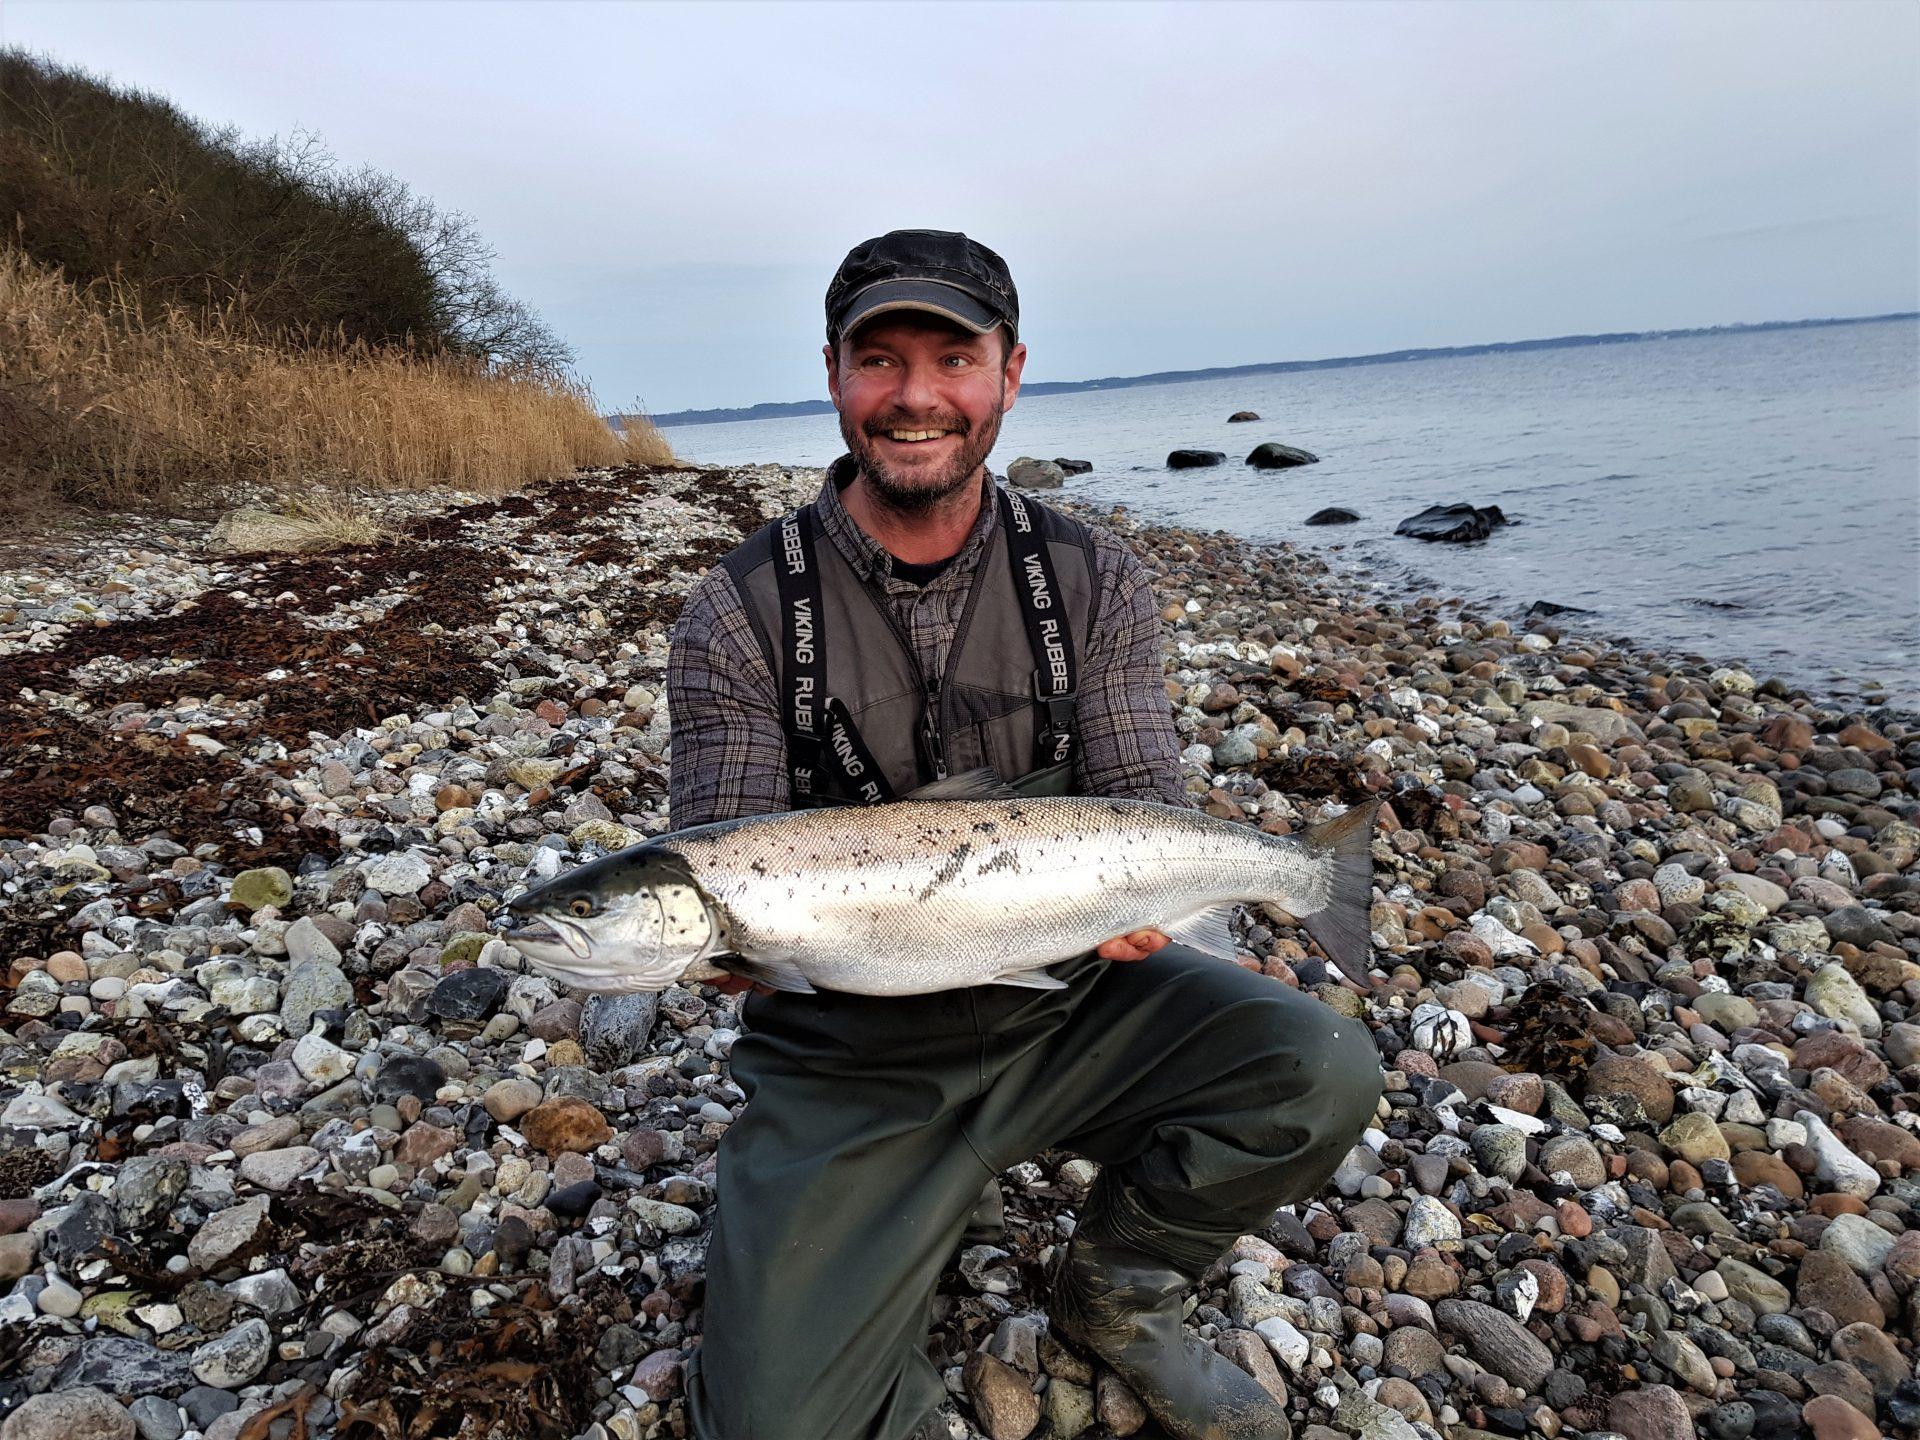 Barsø ligger ved Genner Bugt. Øen egner sig i høj grad til kystfiskeri efter havørreder.